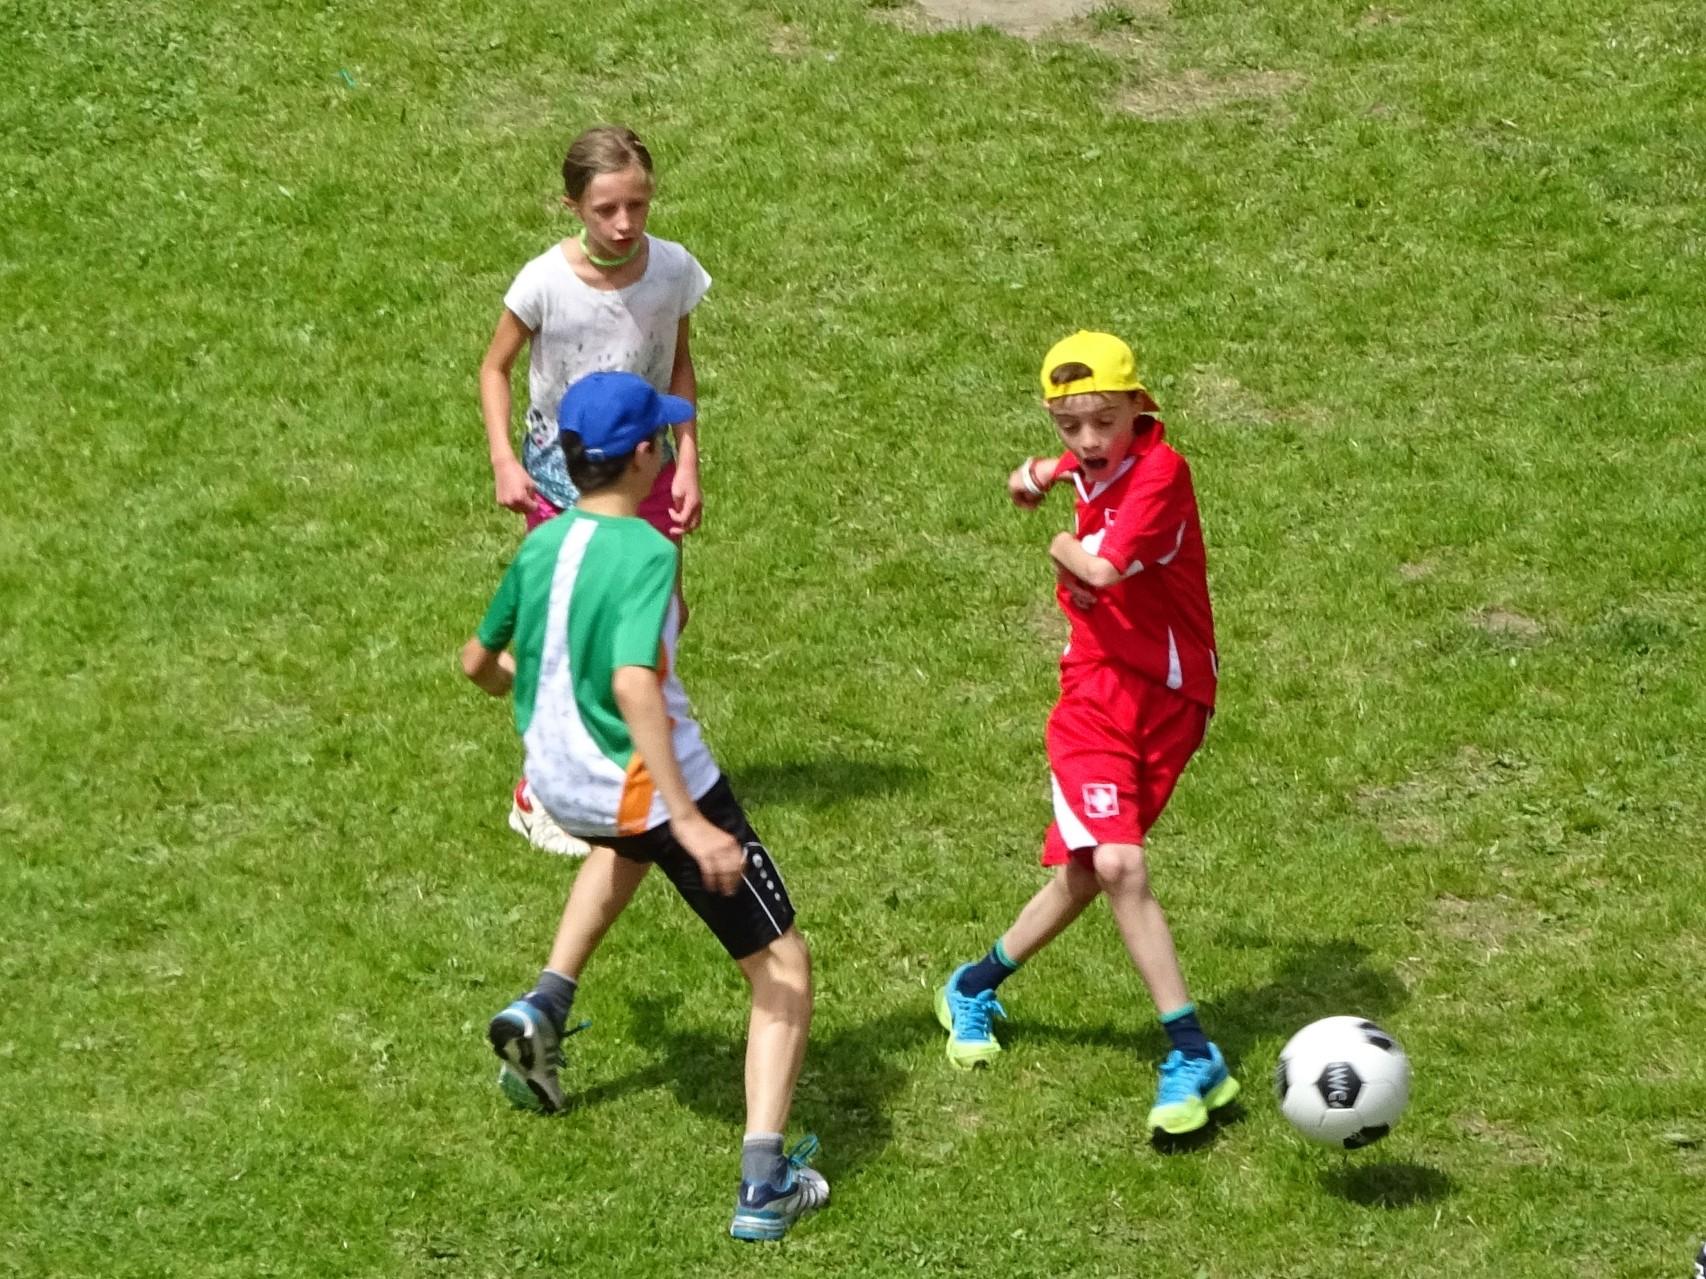 Fussball-Turnier